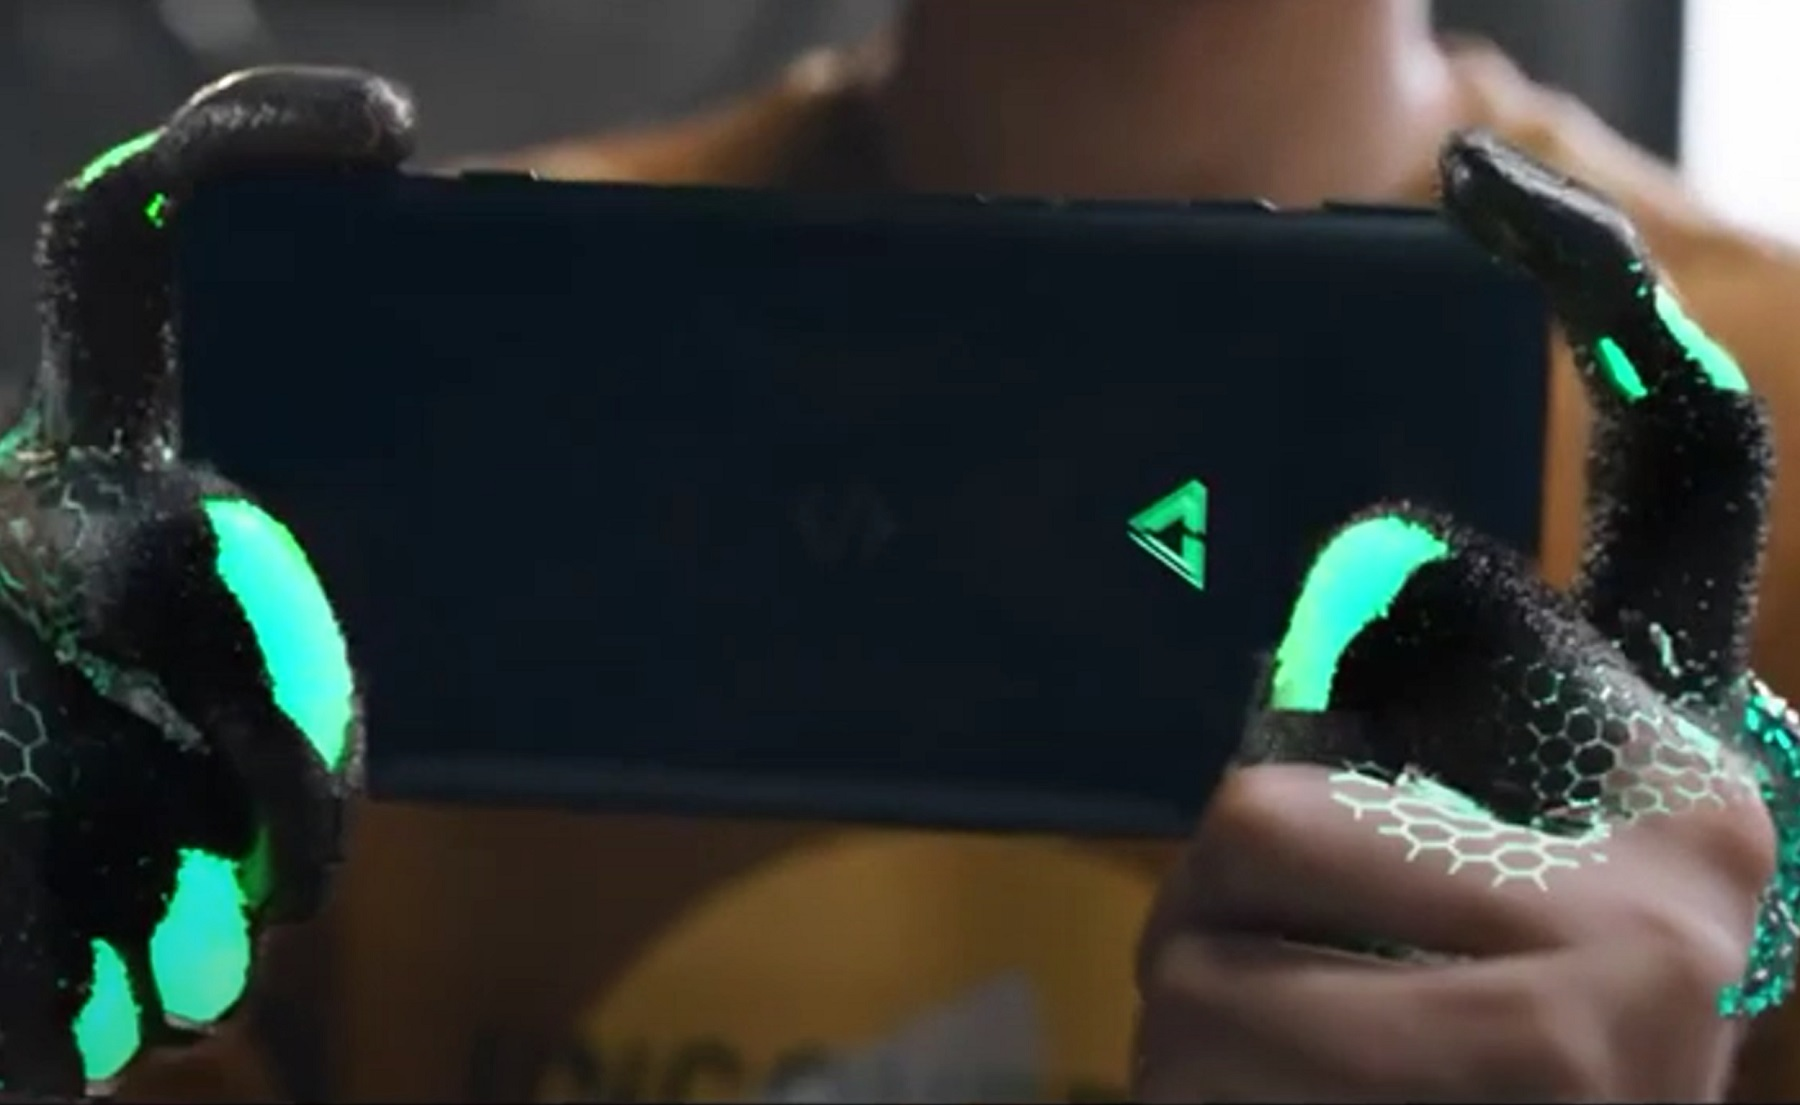 Black Shark 4 показали в рекламном тизере: триггеры, как у Black Shark 3 Pro, и Snapdragon 888